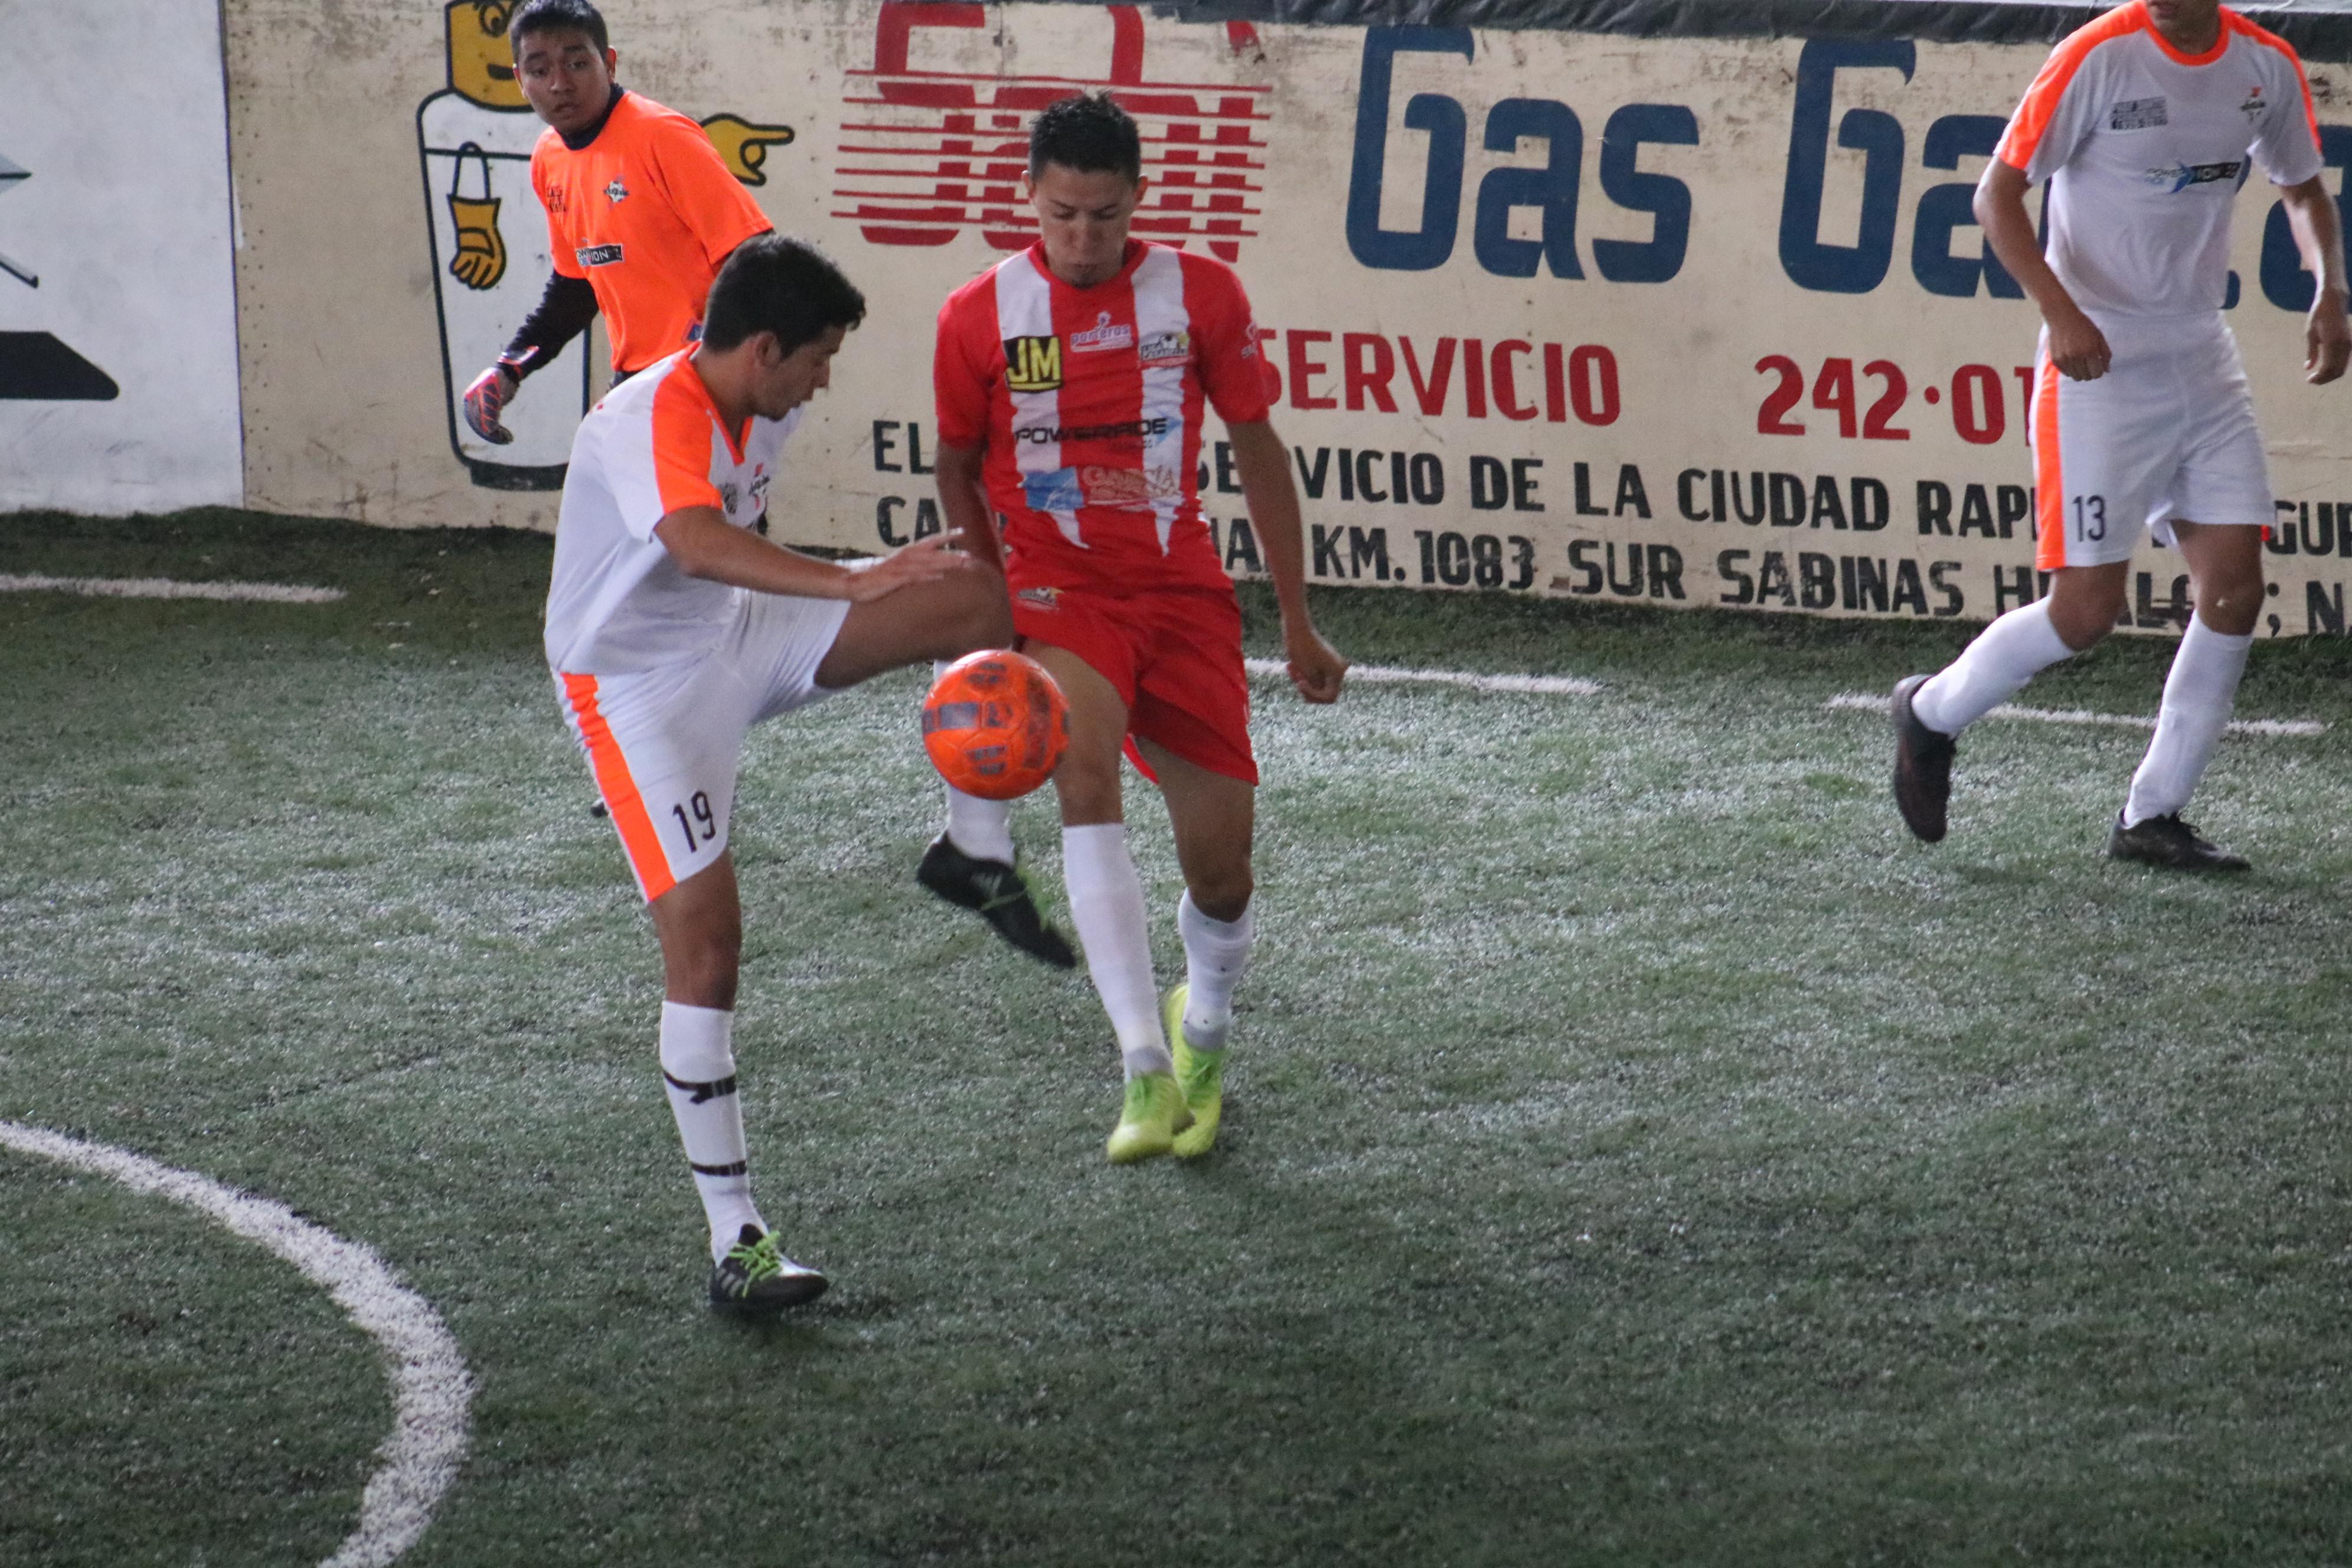 Se enfila CasaBella FC al Campeonato